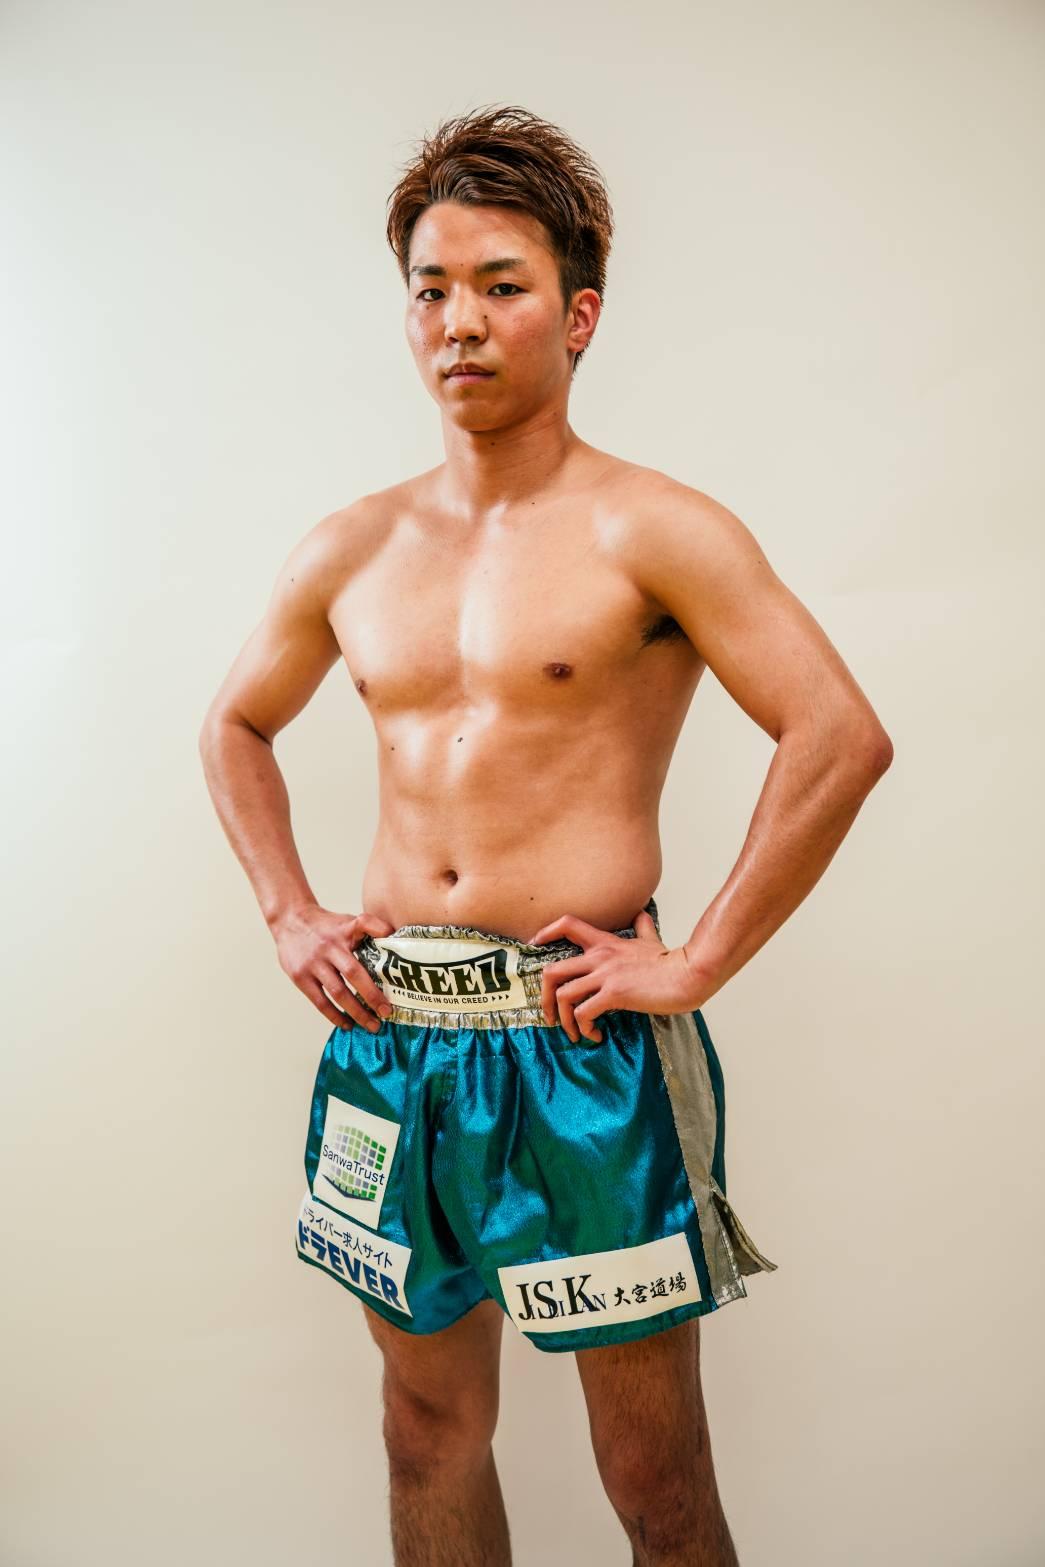 麗也という治政館のプロ選手